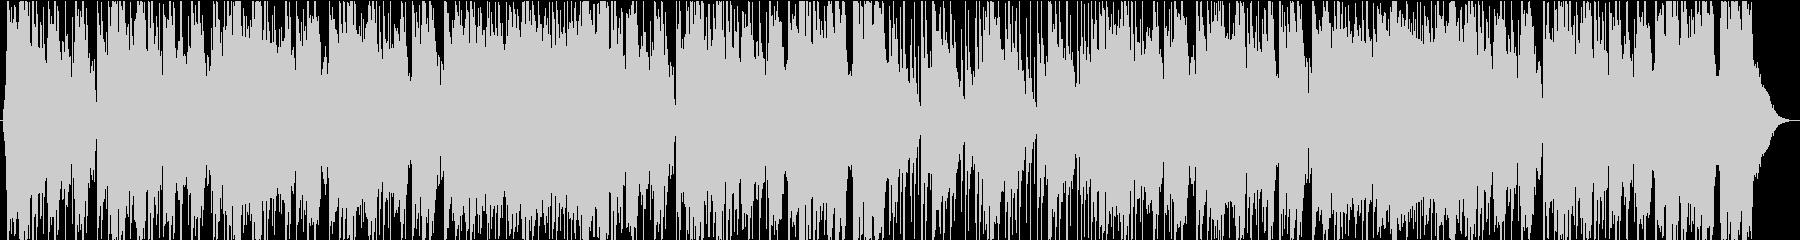 明るい元気なBGM リコーダーの未再生の波形